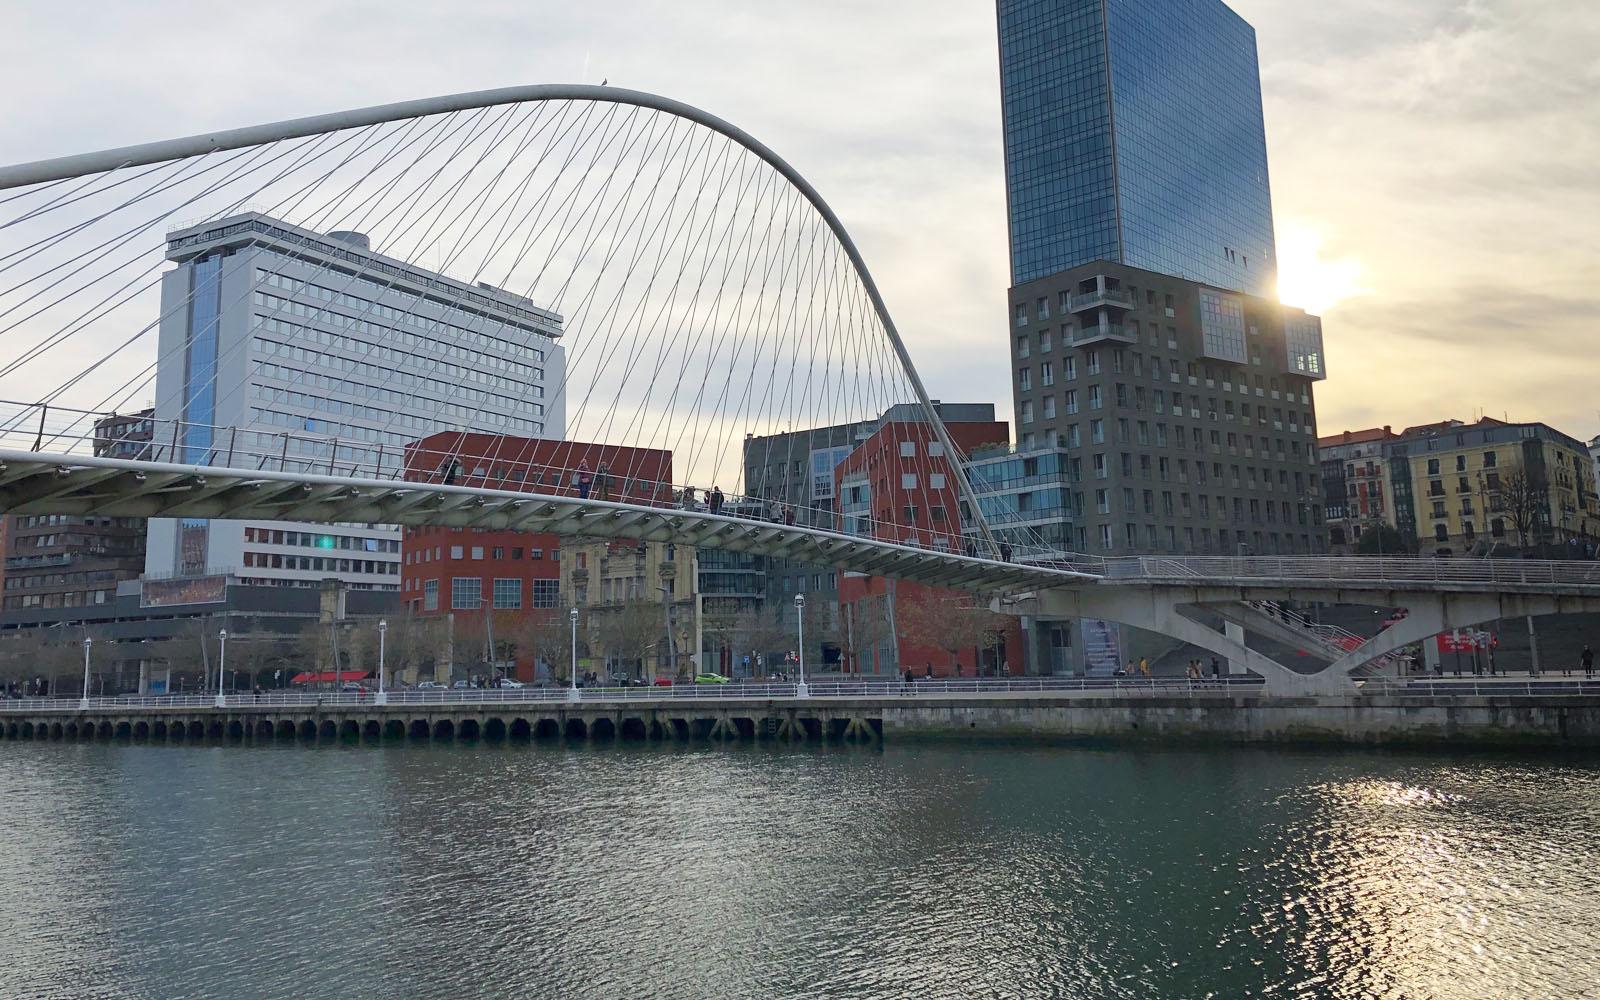 Il ponte Zibizuri, progettato da Calatrava.